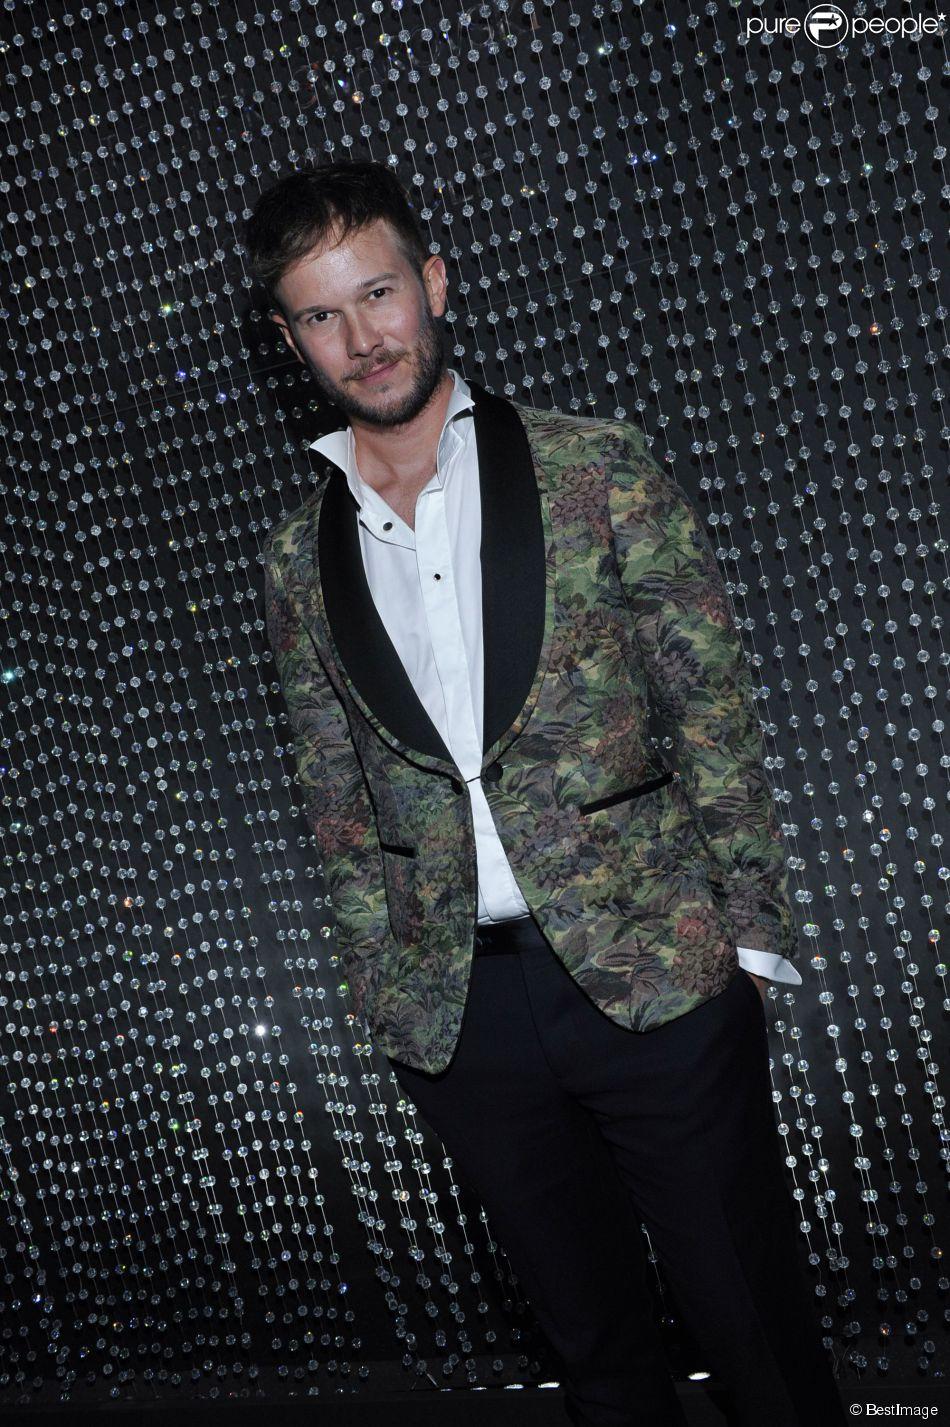 Paolo Stella - Soirée Swarovski et Viktor & Rolf à l'Ecrin lors du 67e Festival international du film de Cannes, le 16 mai 2014